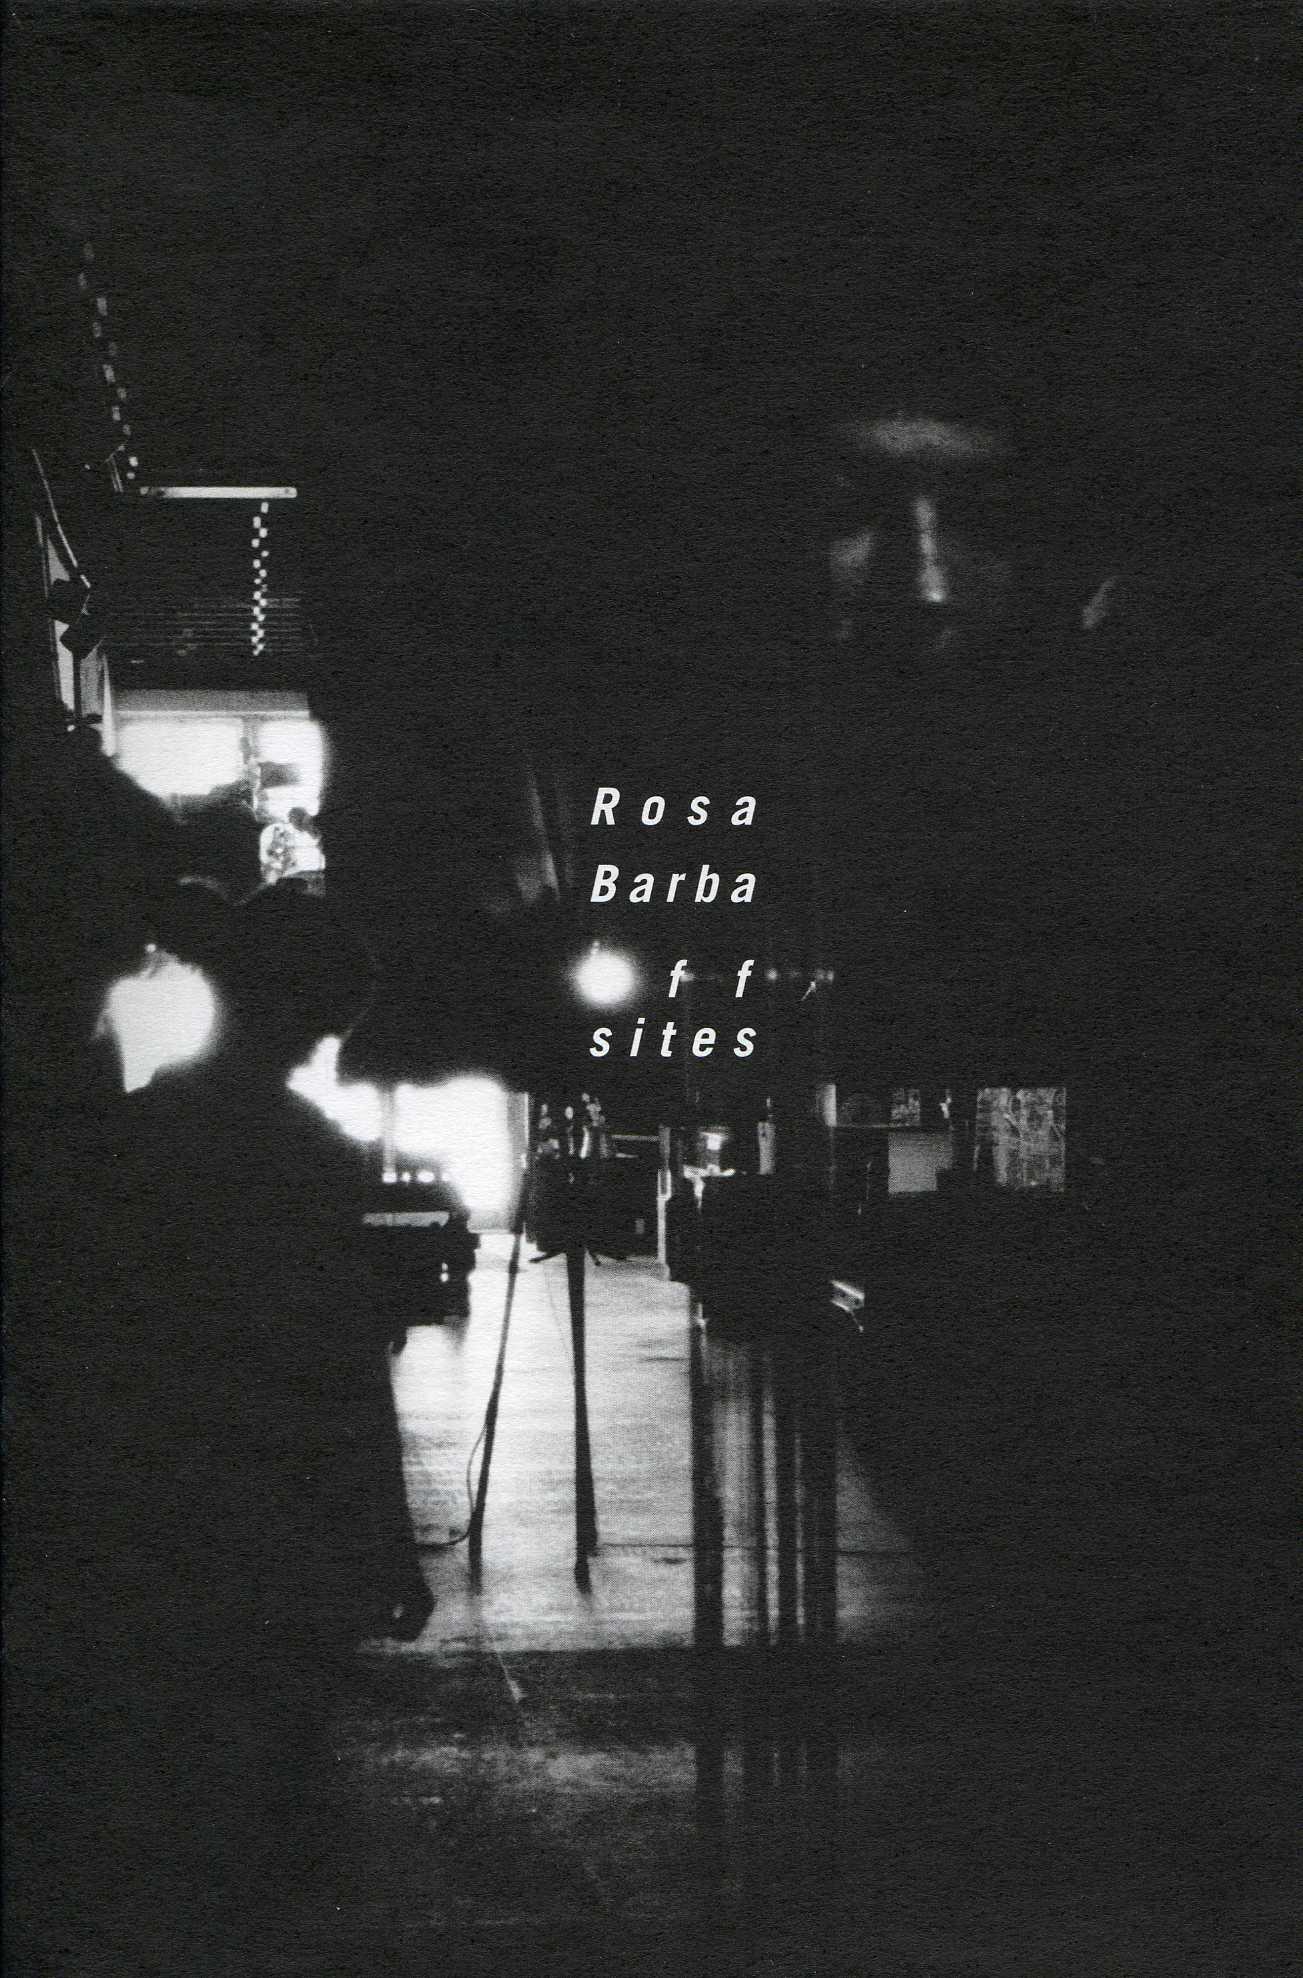 ROSA BARBA : OFF SITES / SETS